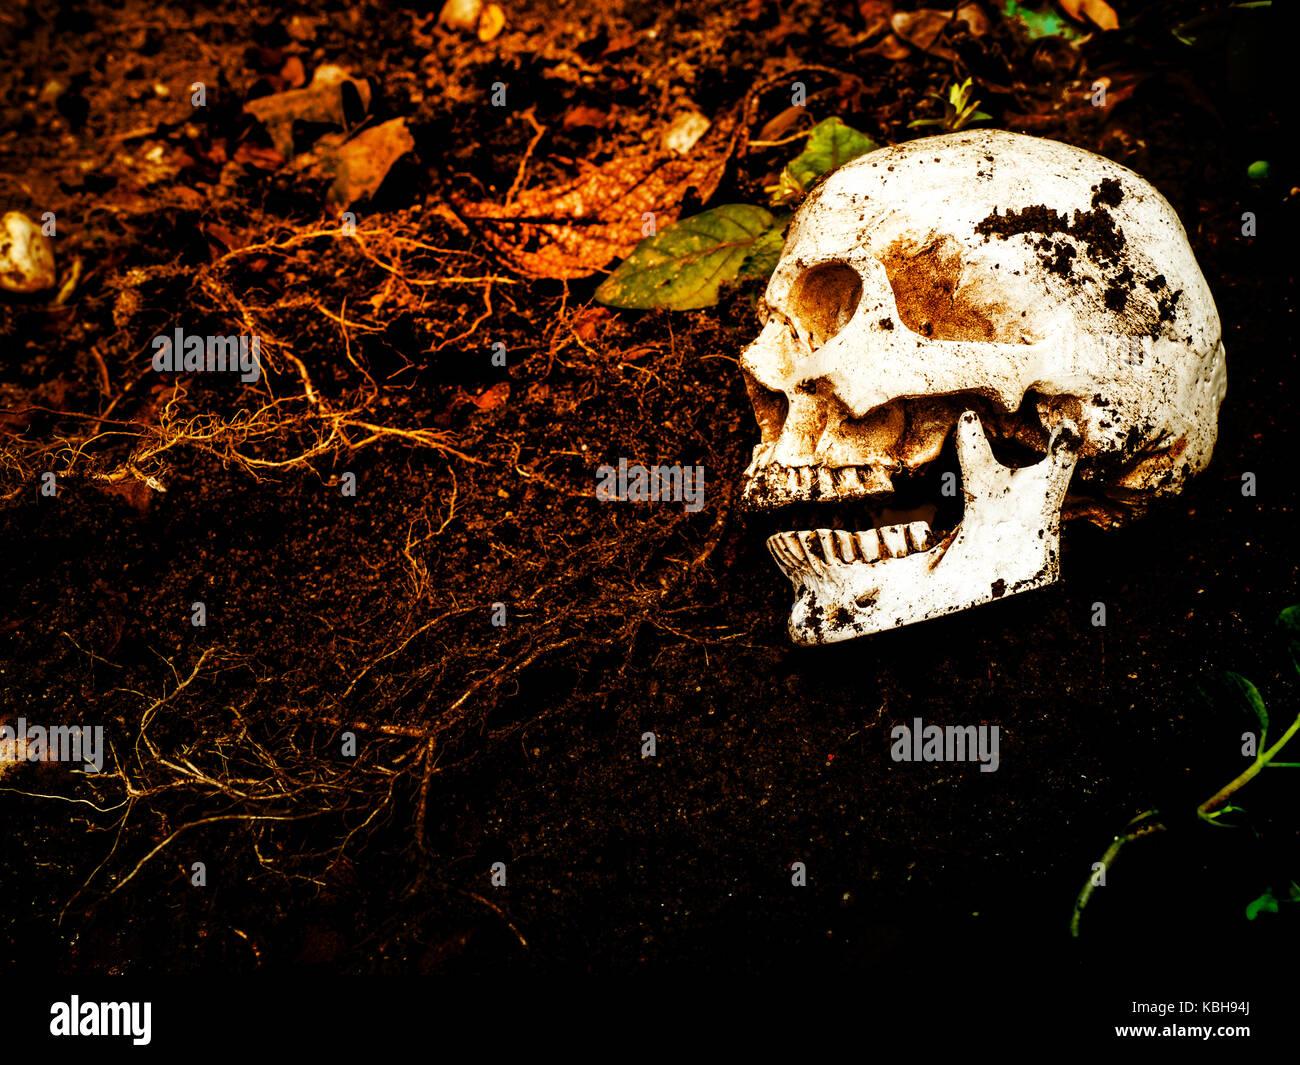 À côté du crâne humain enfouis dans le sol.le crâne a la saleté attaché à Photo Stock